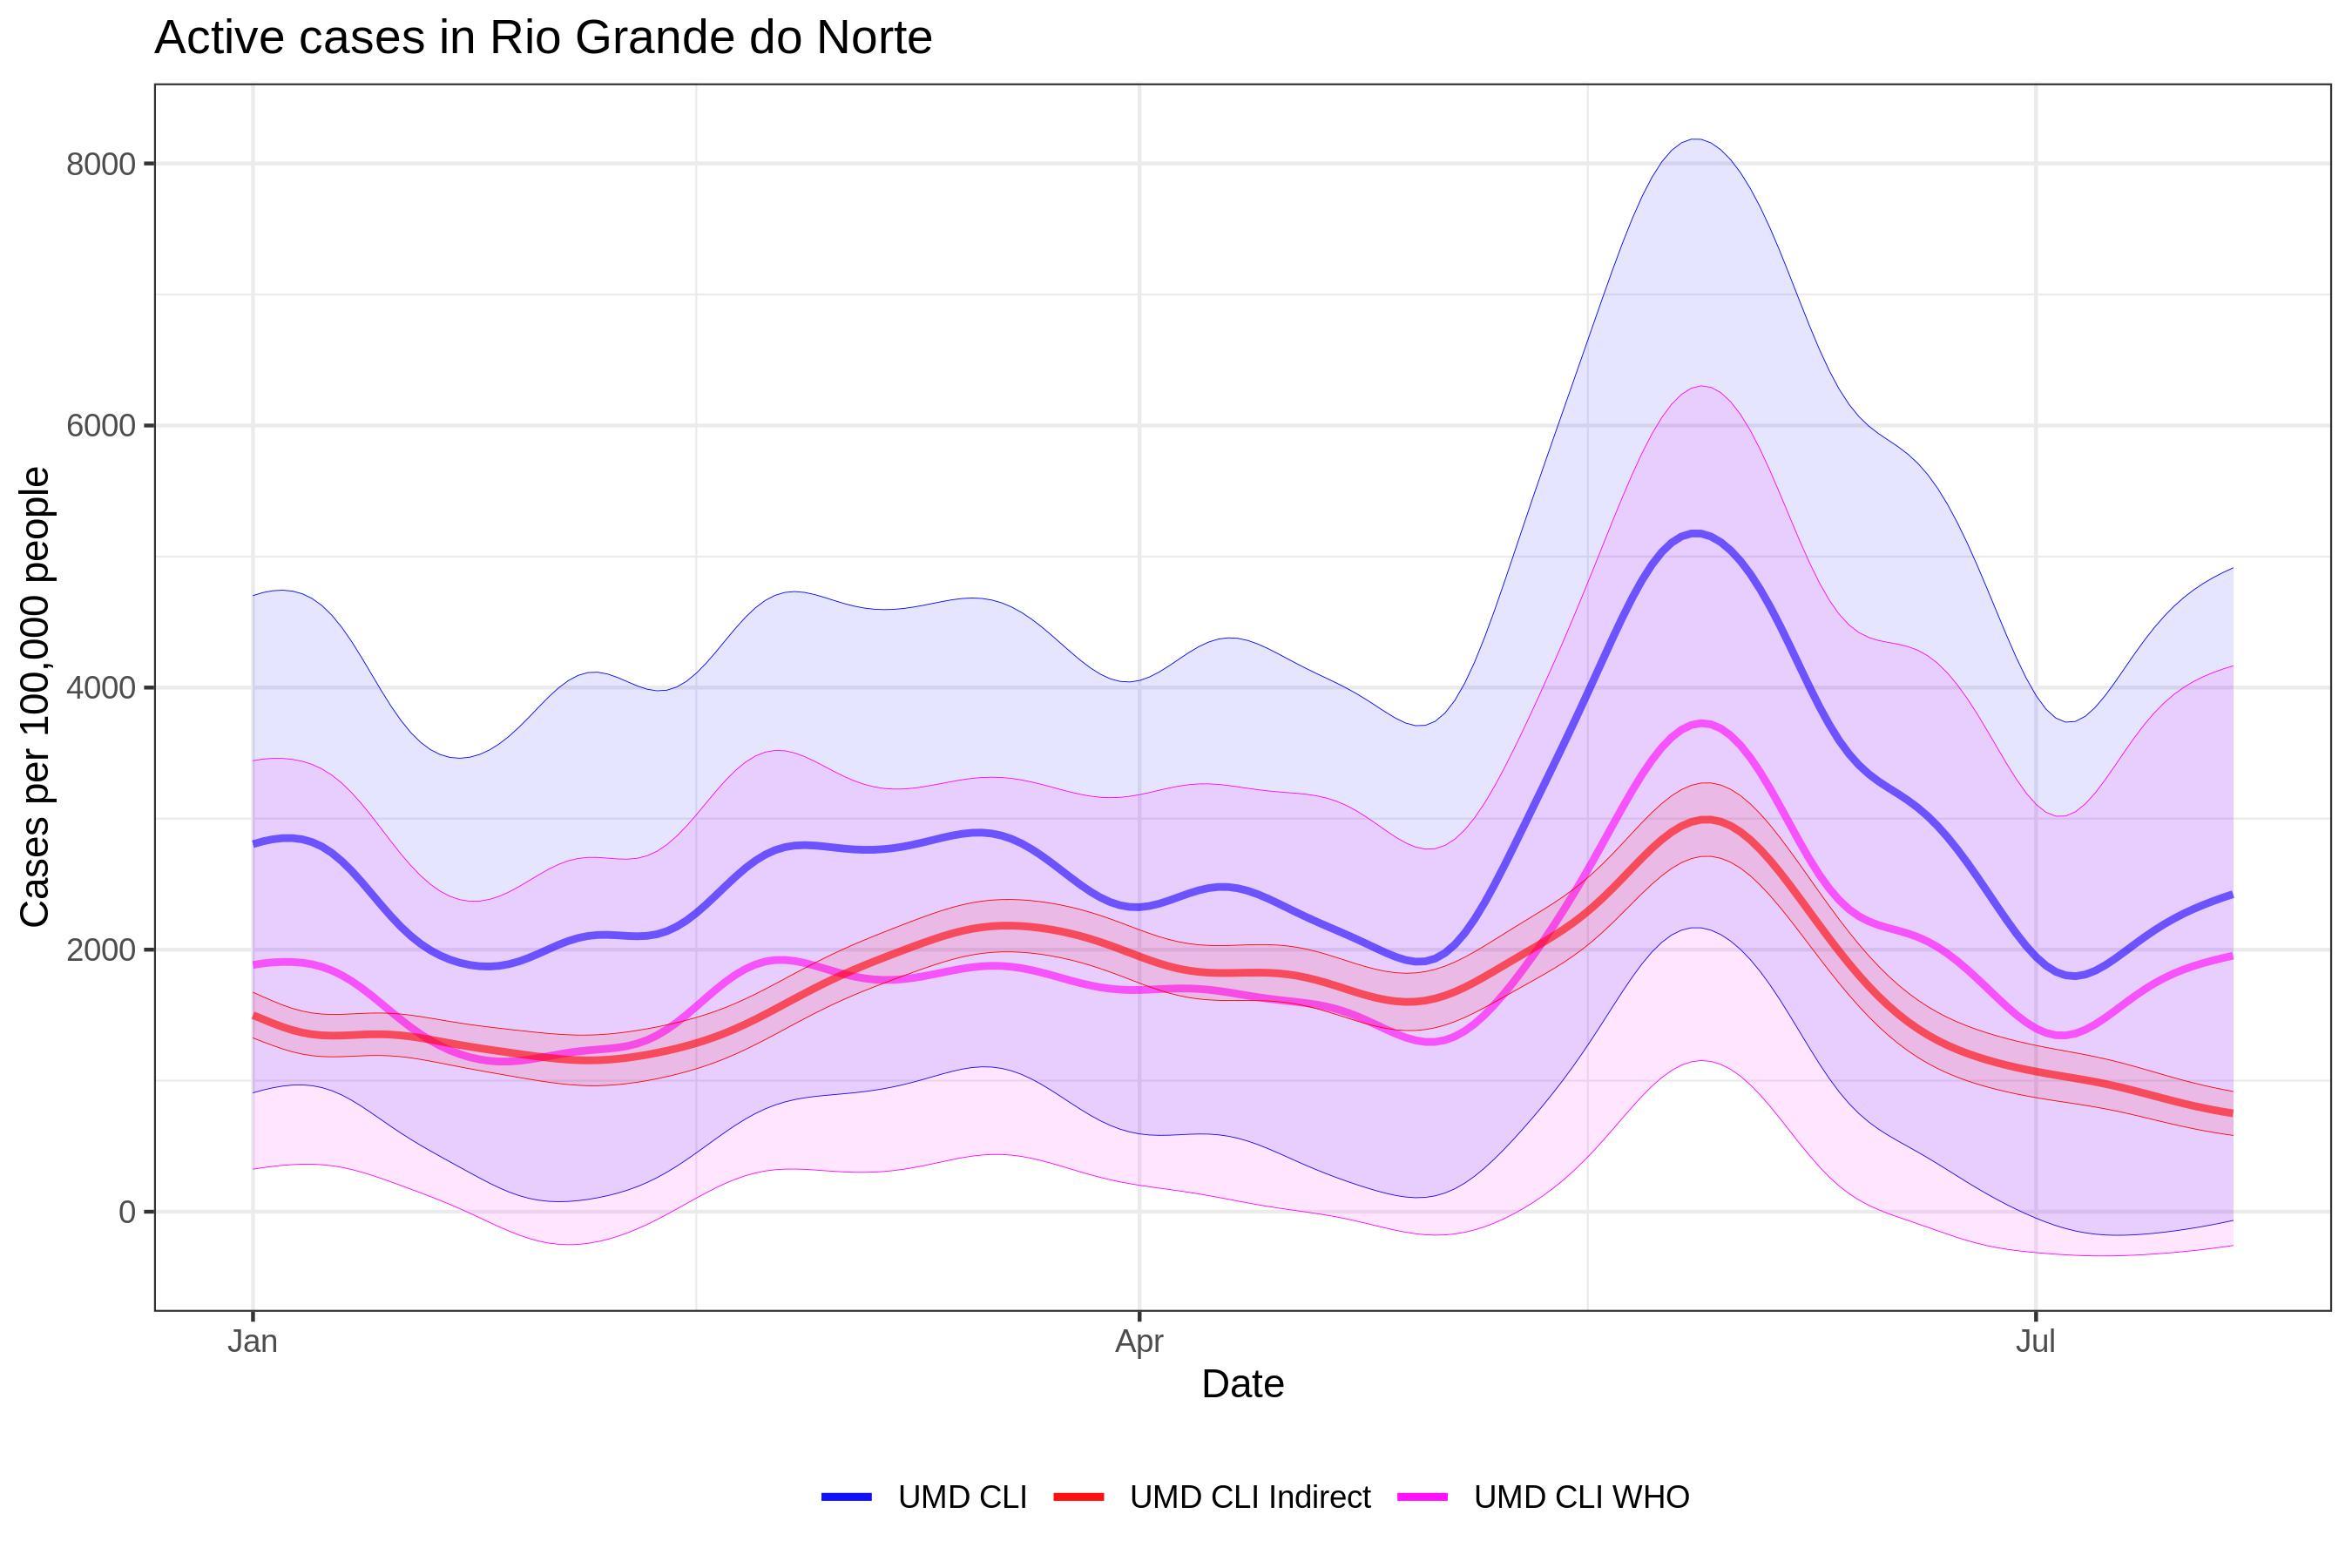 BR Rio Grande do Norte